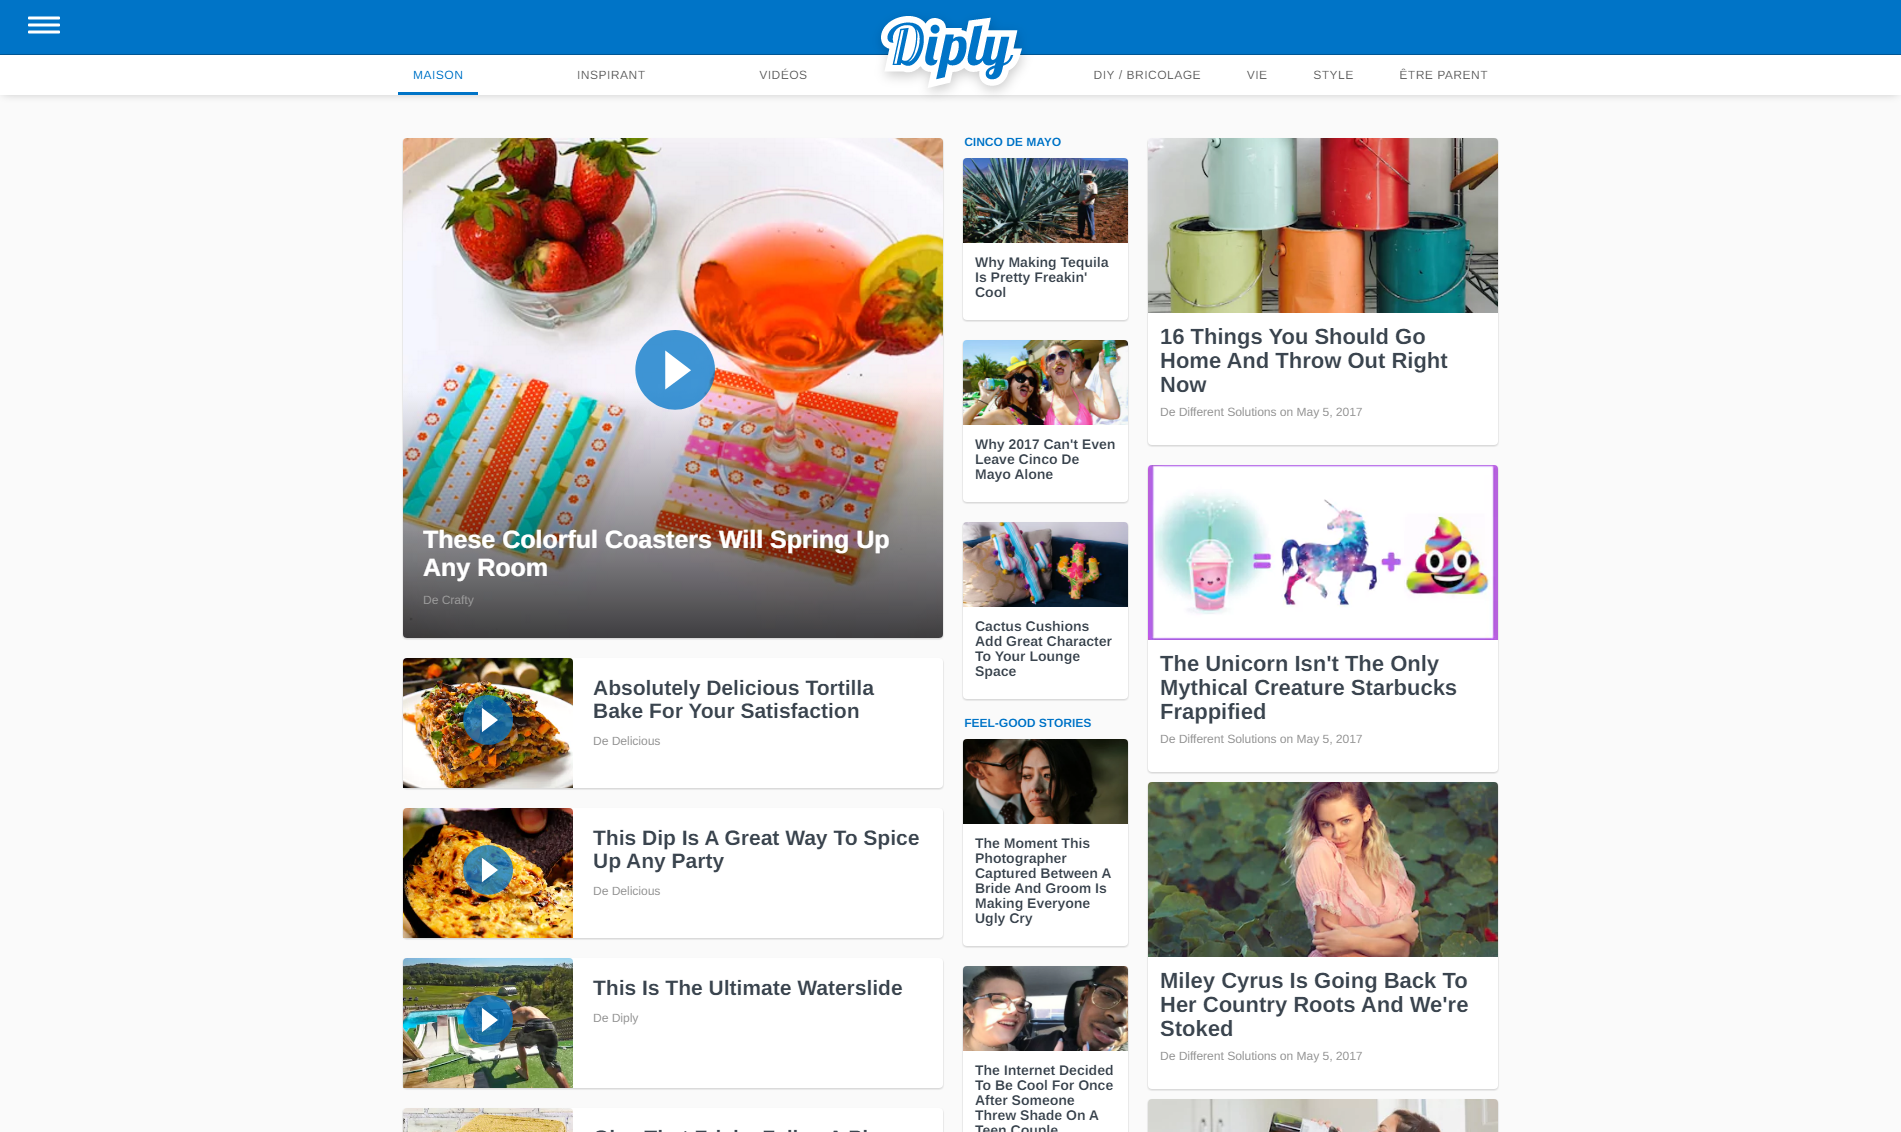 Diply.com donne des idées pour rendre votre maison agréable à vivre